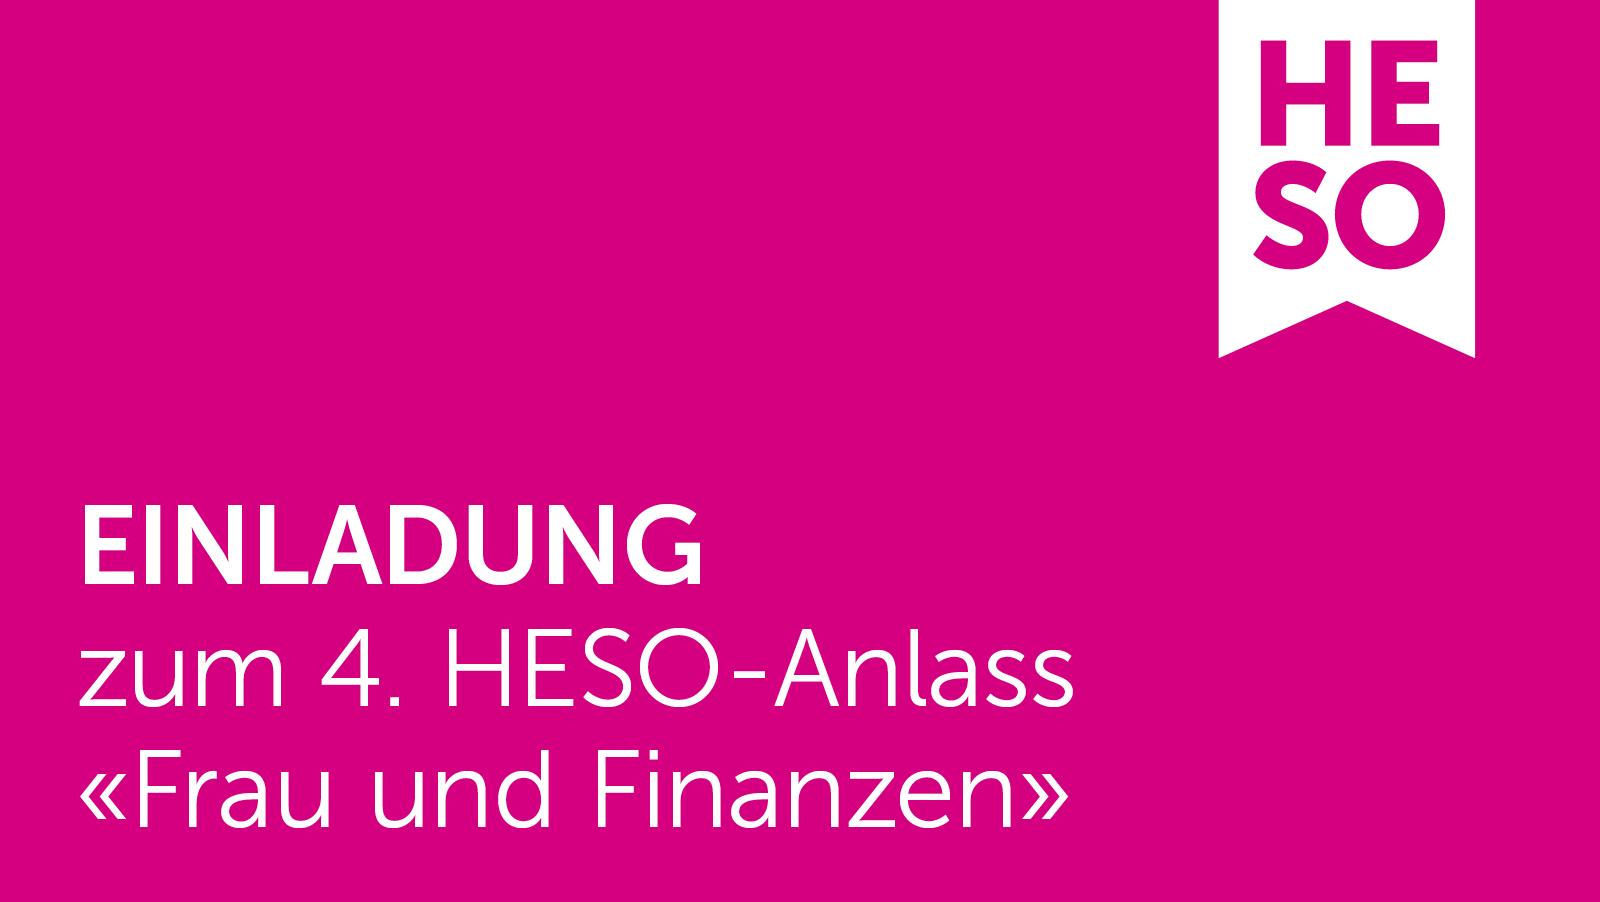 frau_und_finanzen